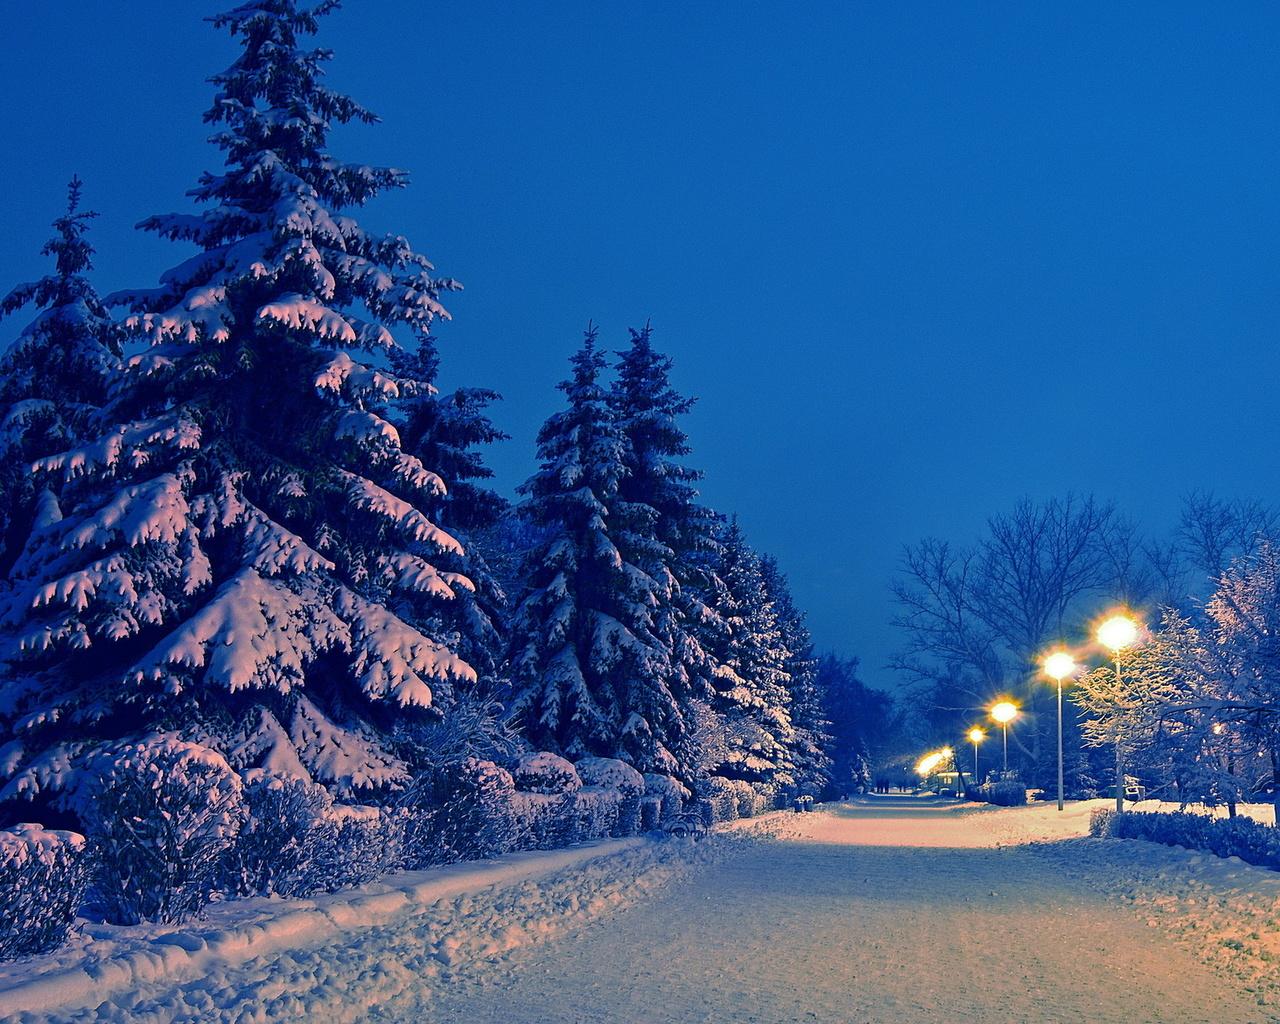 природа, зима, дорога, снег, пейзаж, парк, вечер, деревья ели, фонари, аллея, деревья, ели